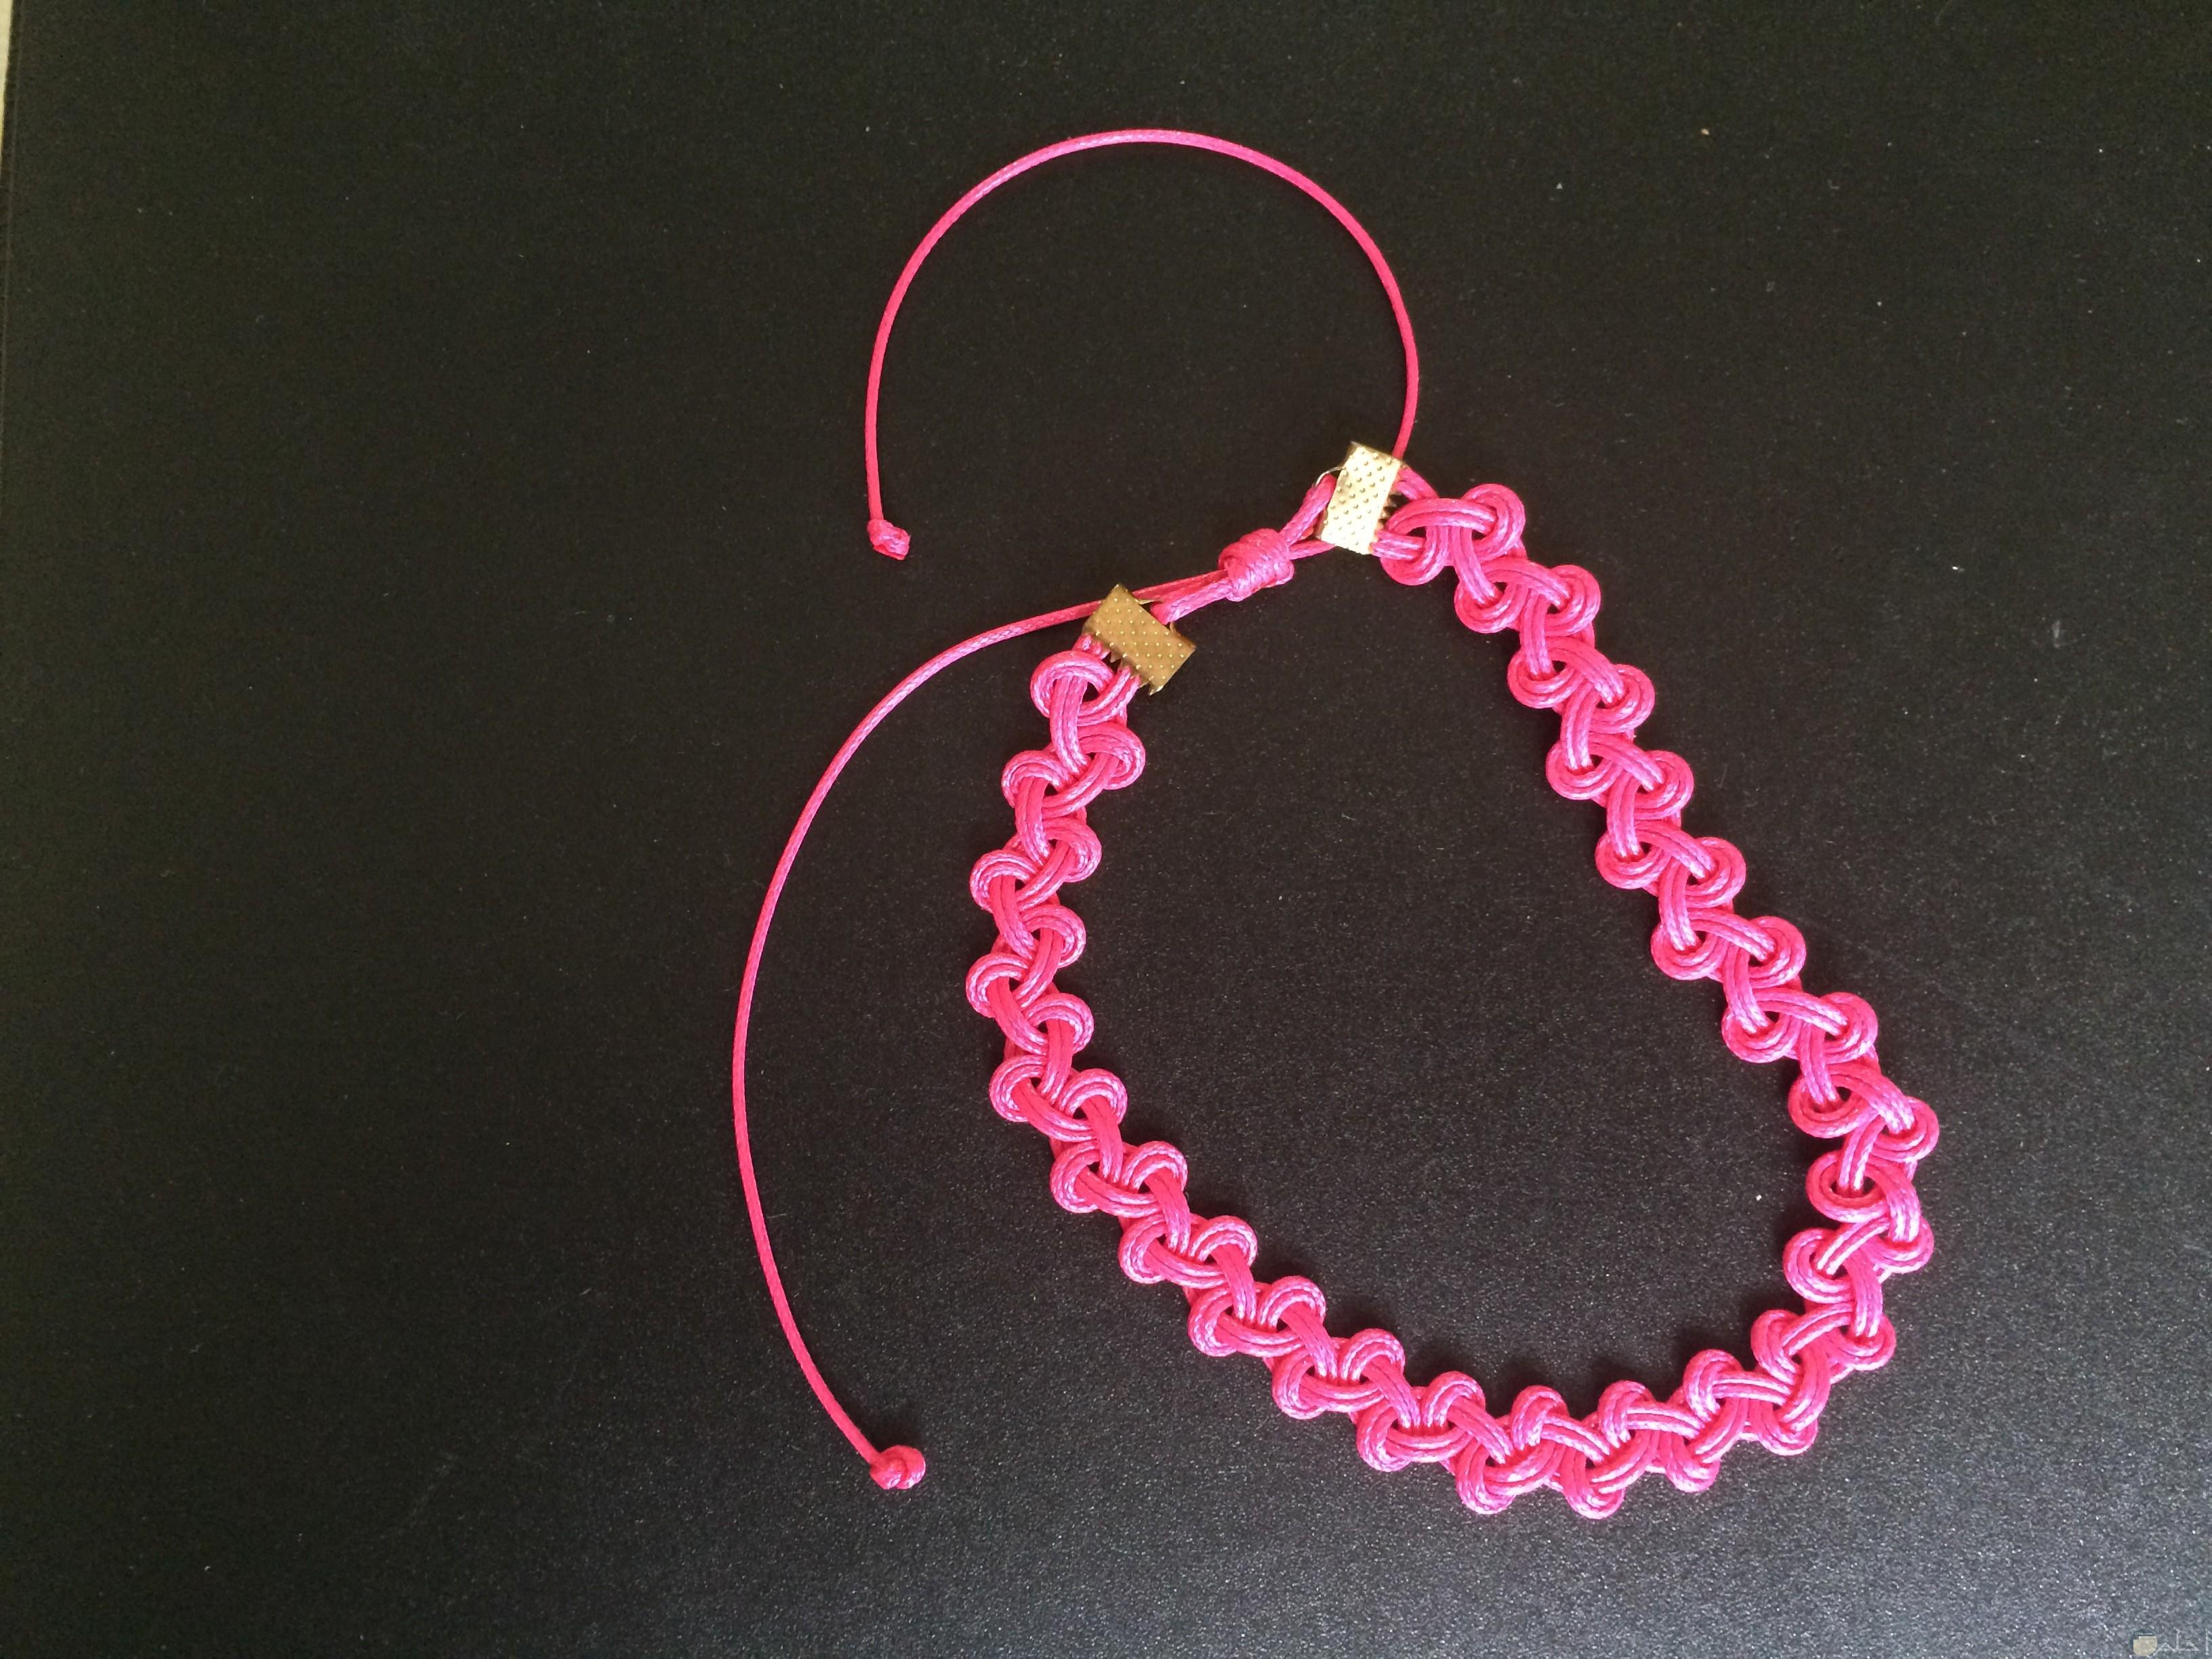 إكسسوار هاند ميد جميل لليدين باللون الوردي للبنات